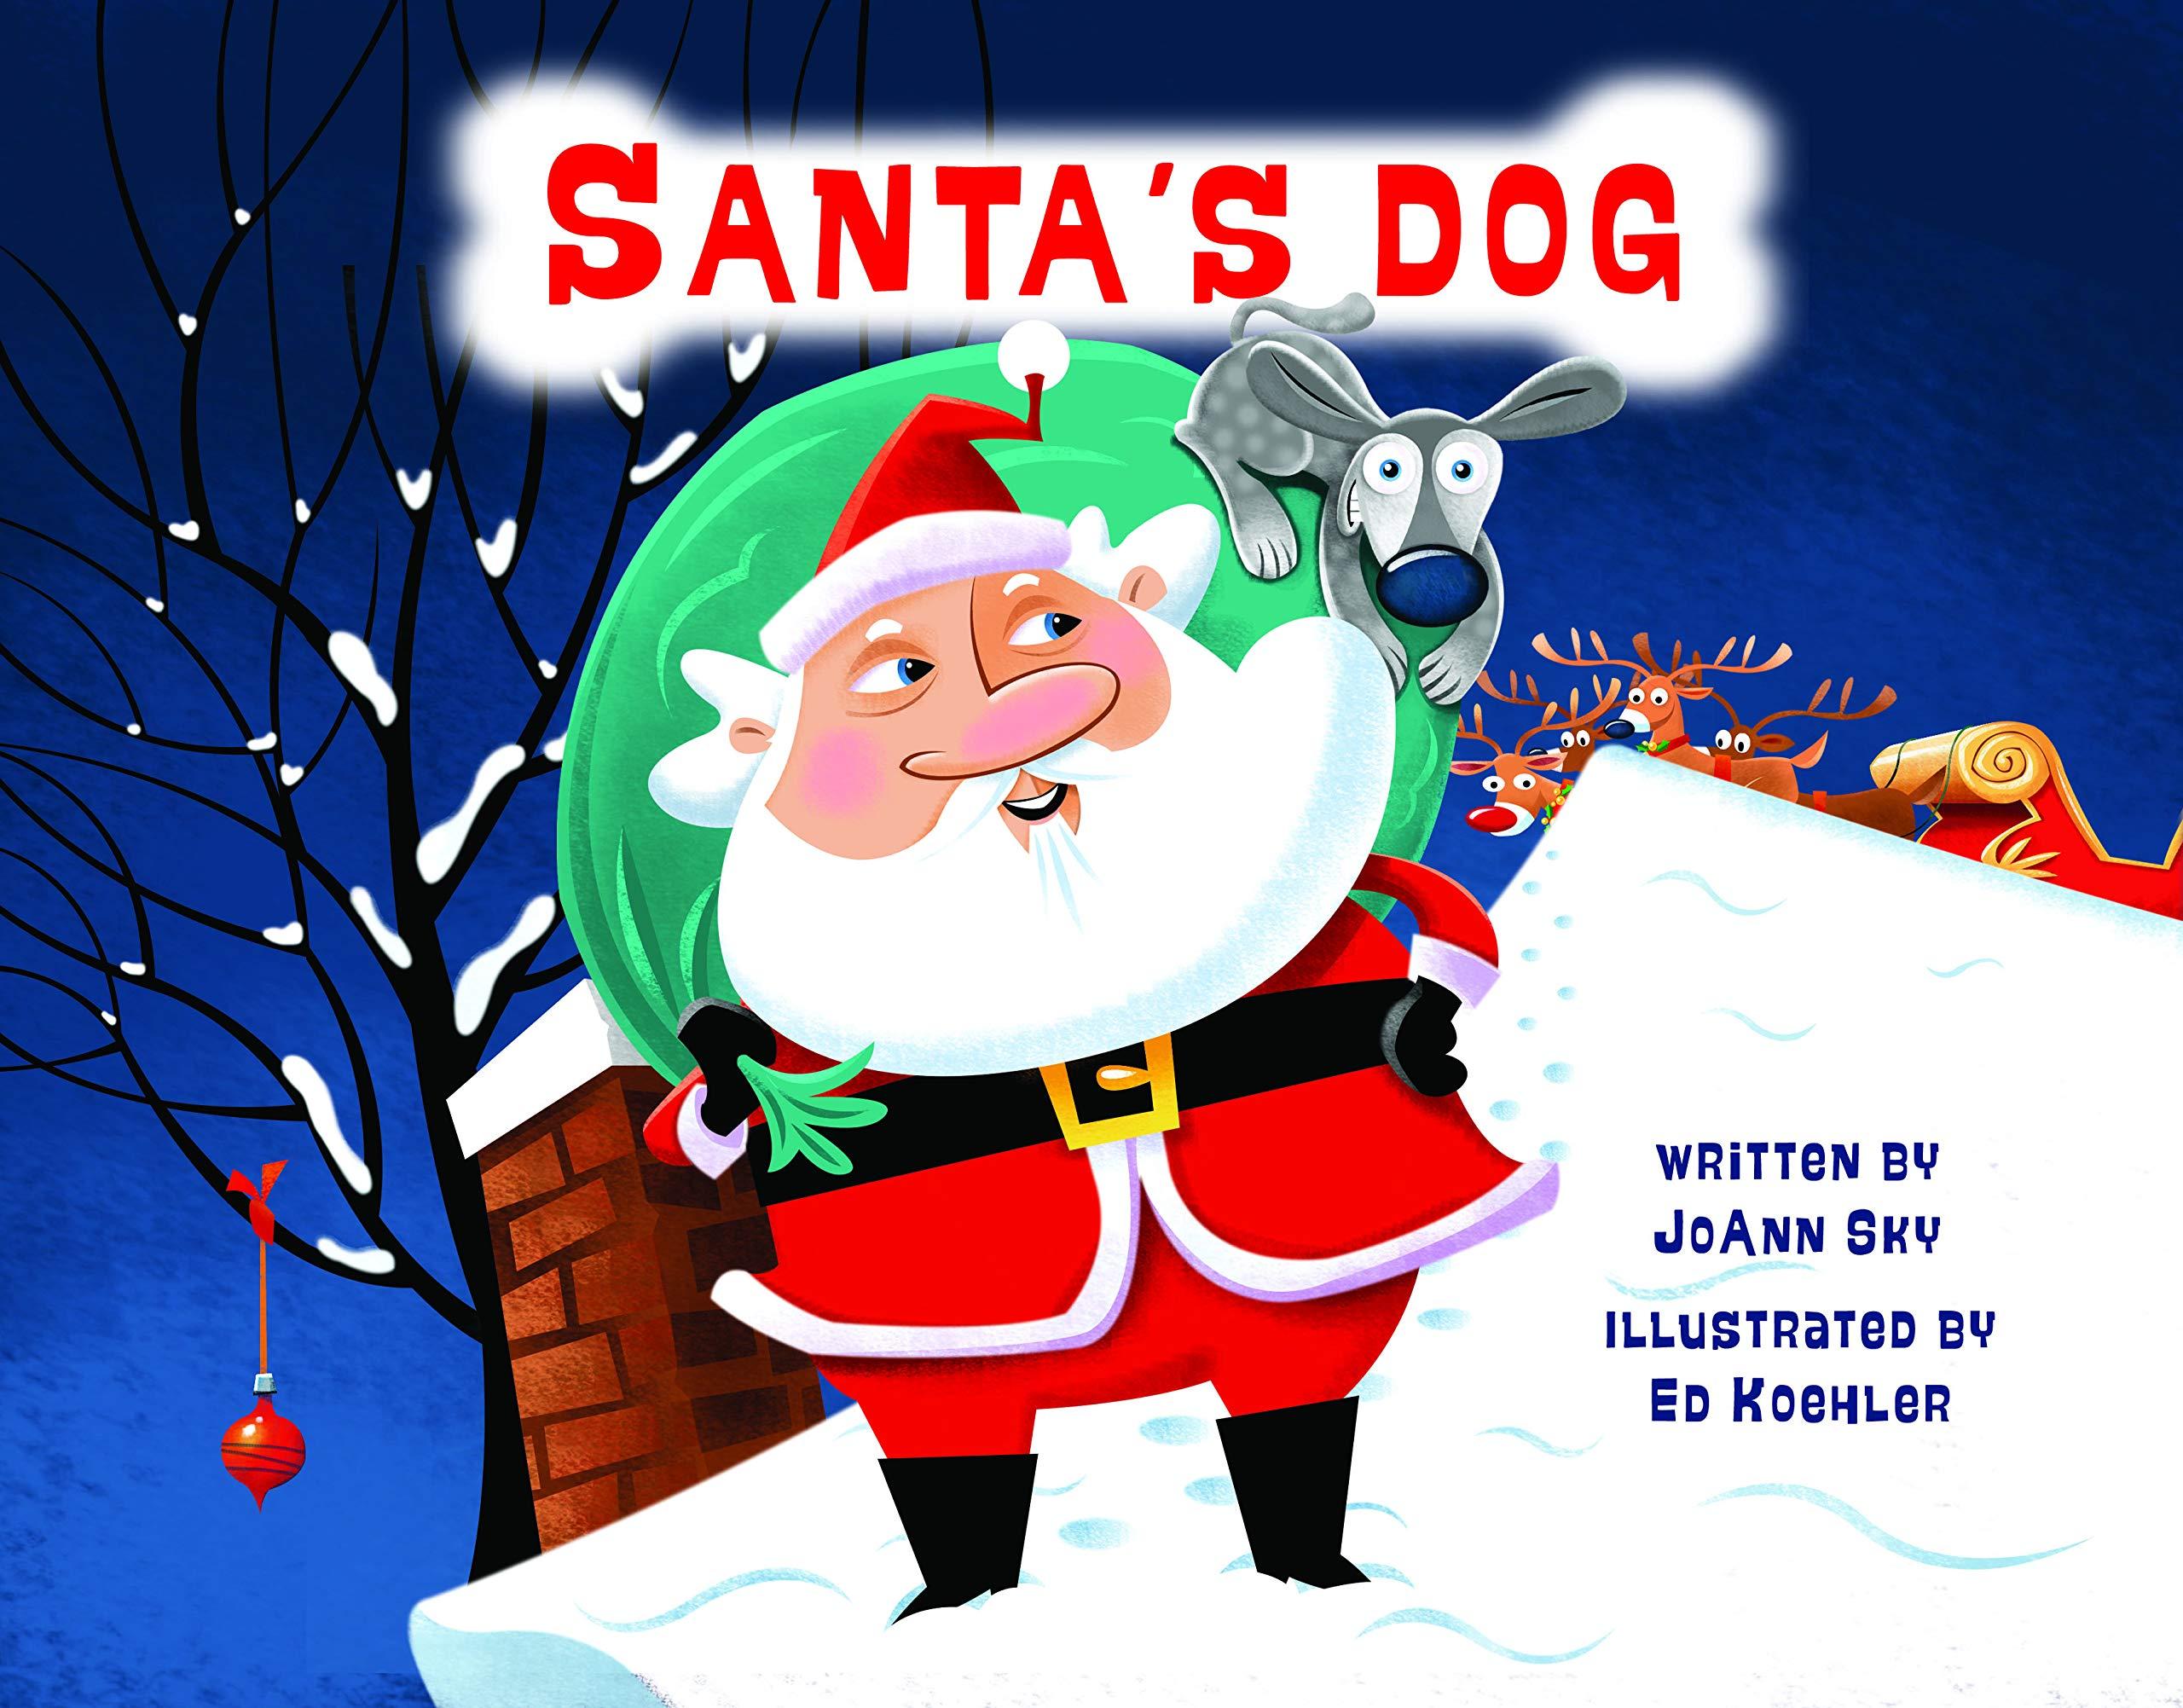 Santa's Dog